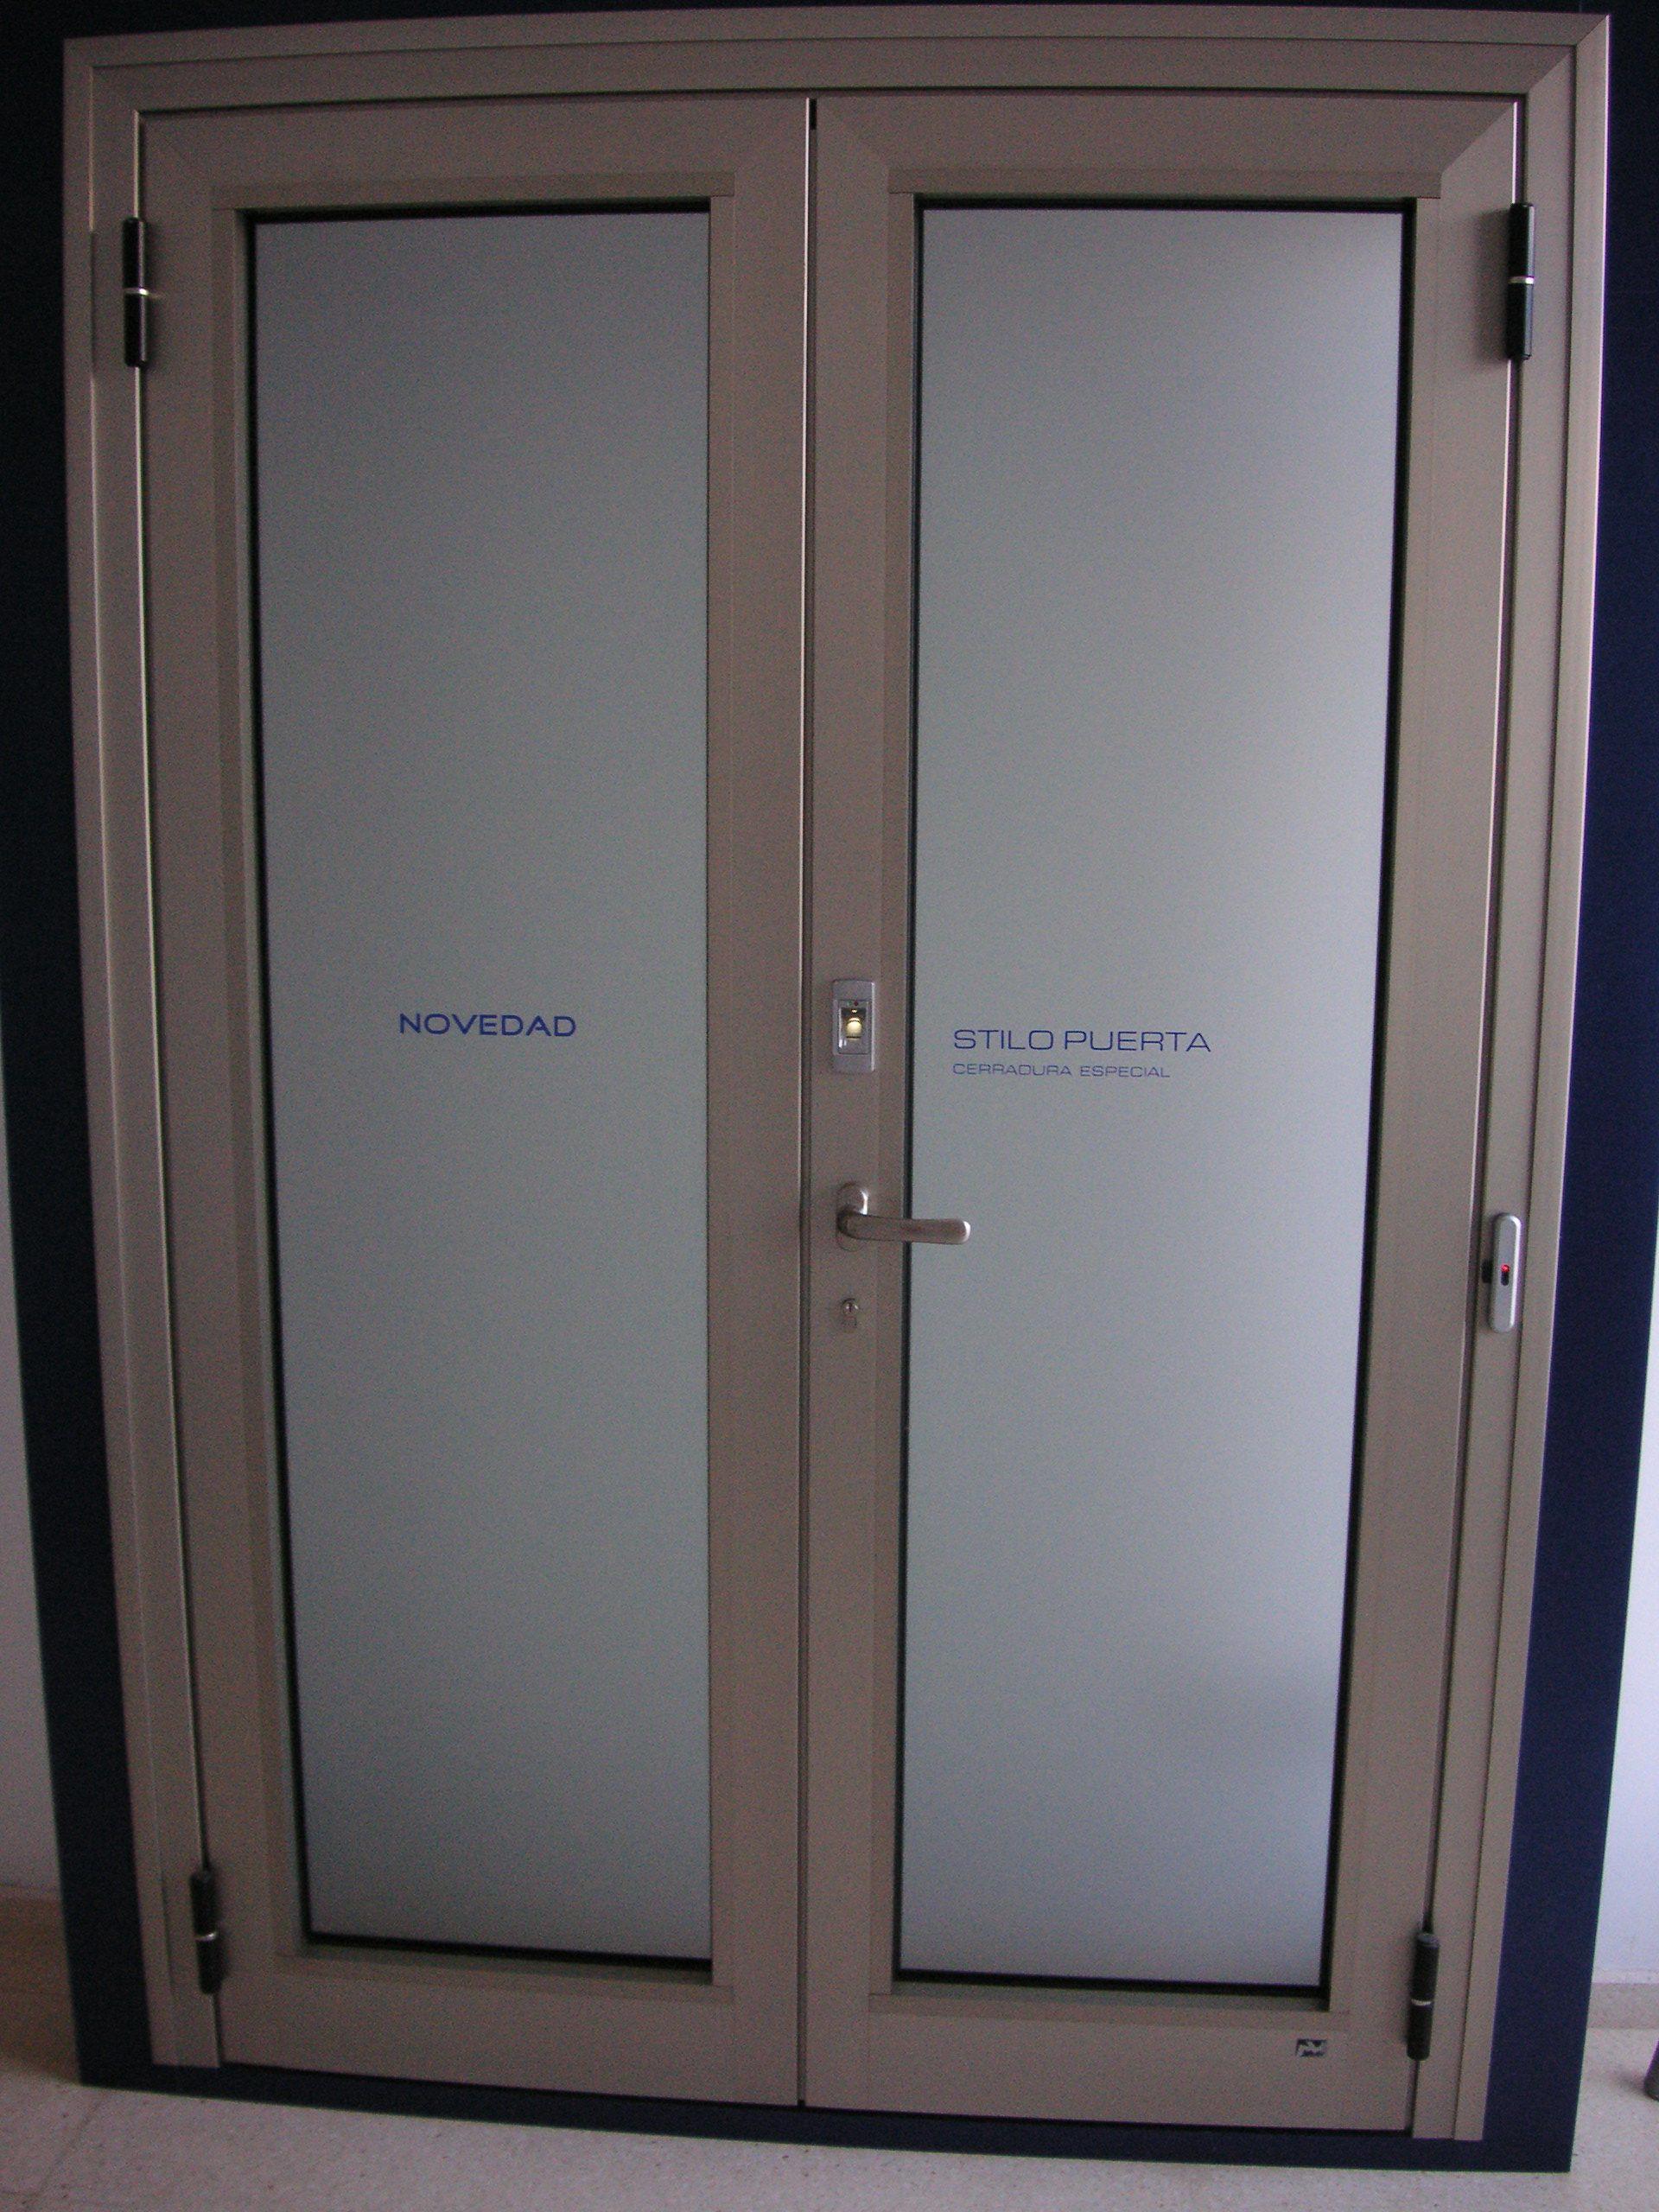 Ventanas de aluminio cat logo de aluminios paiporta - Puertas para terrazas aluminio ...